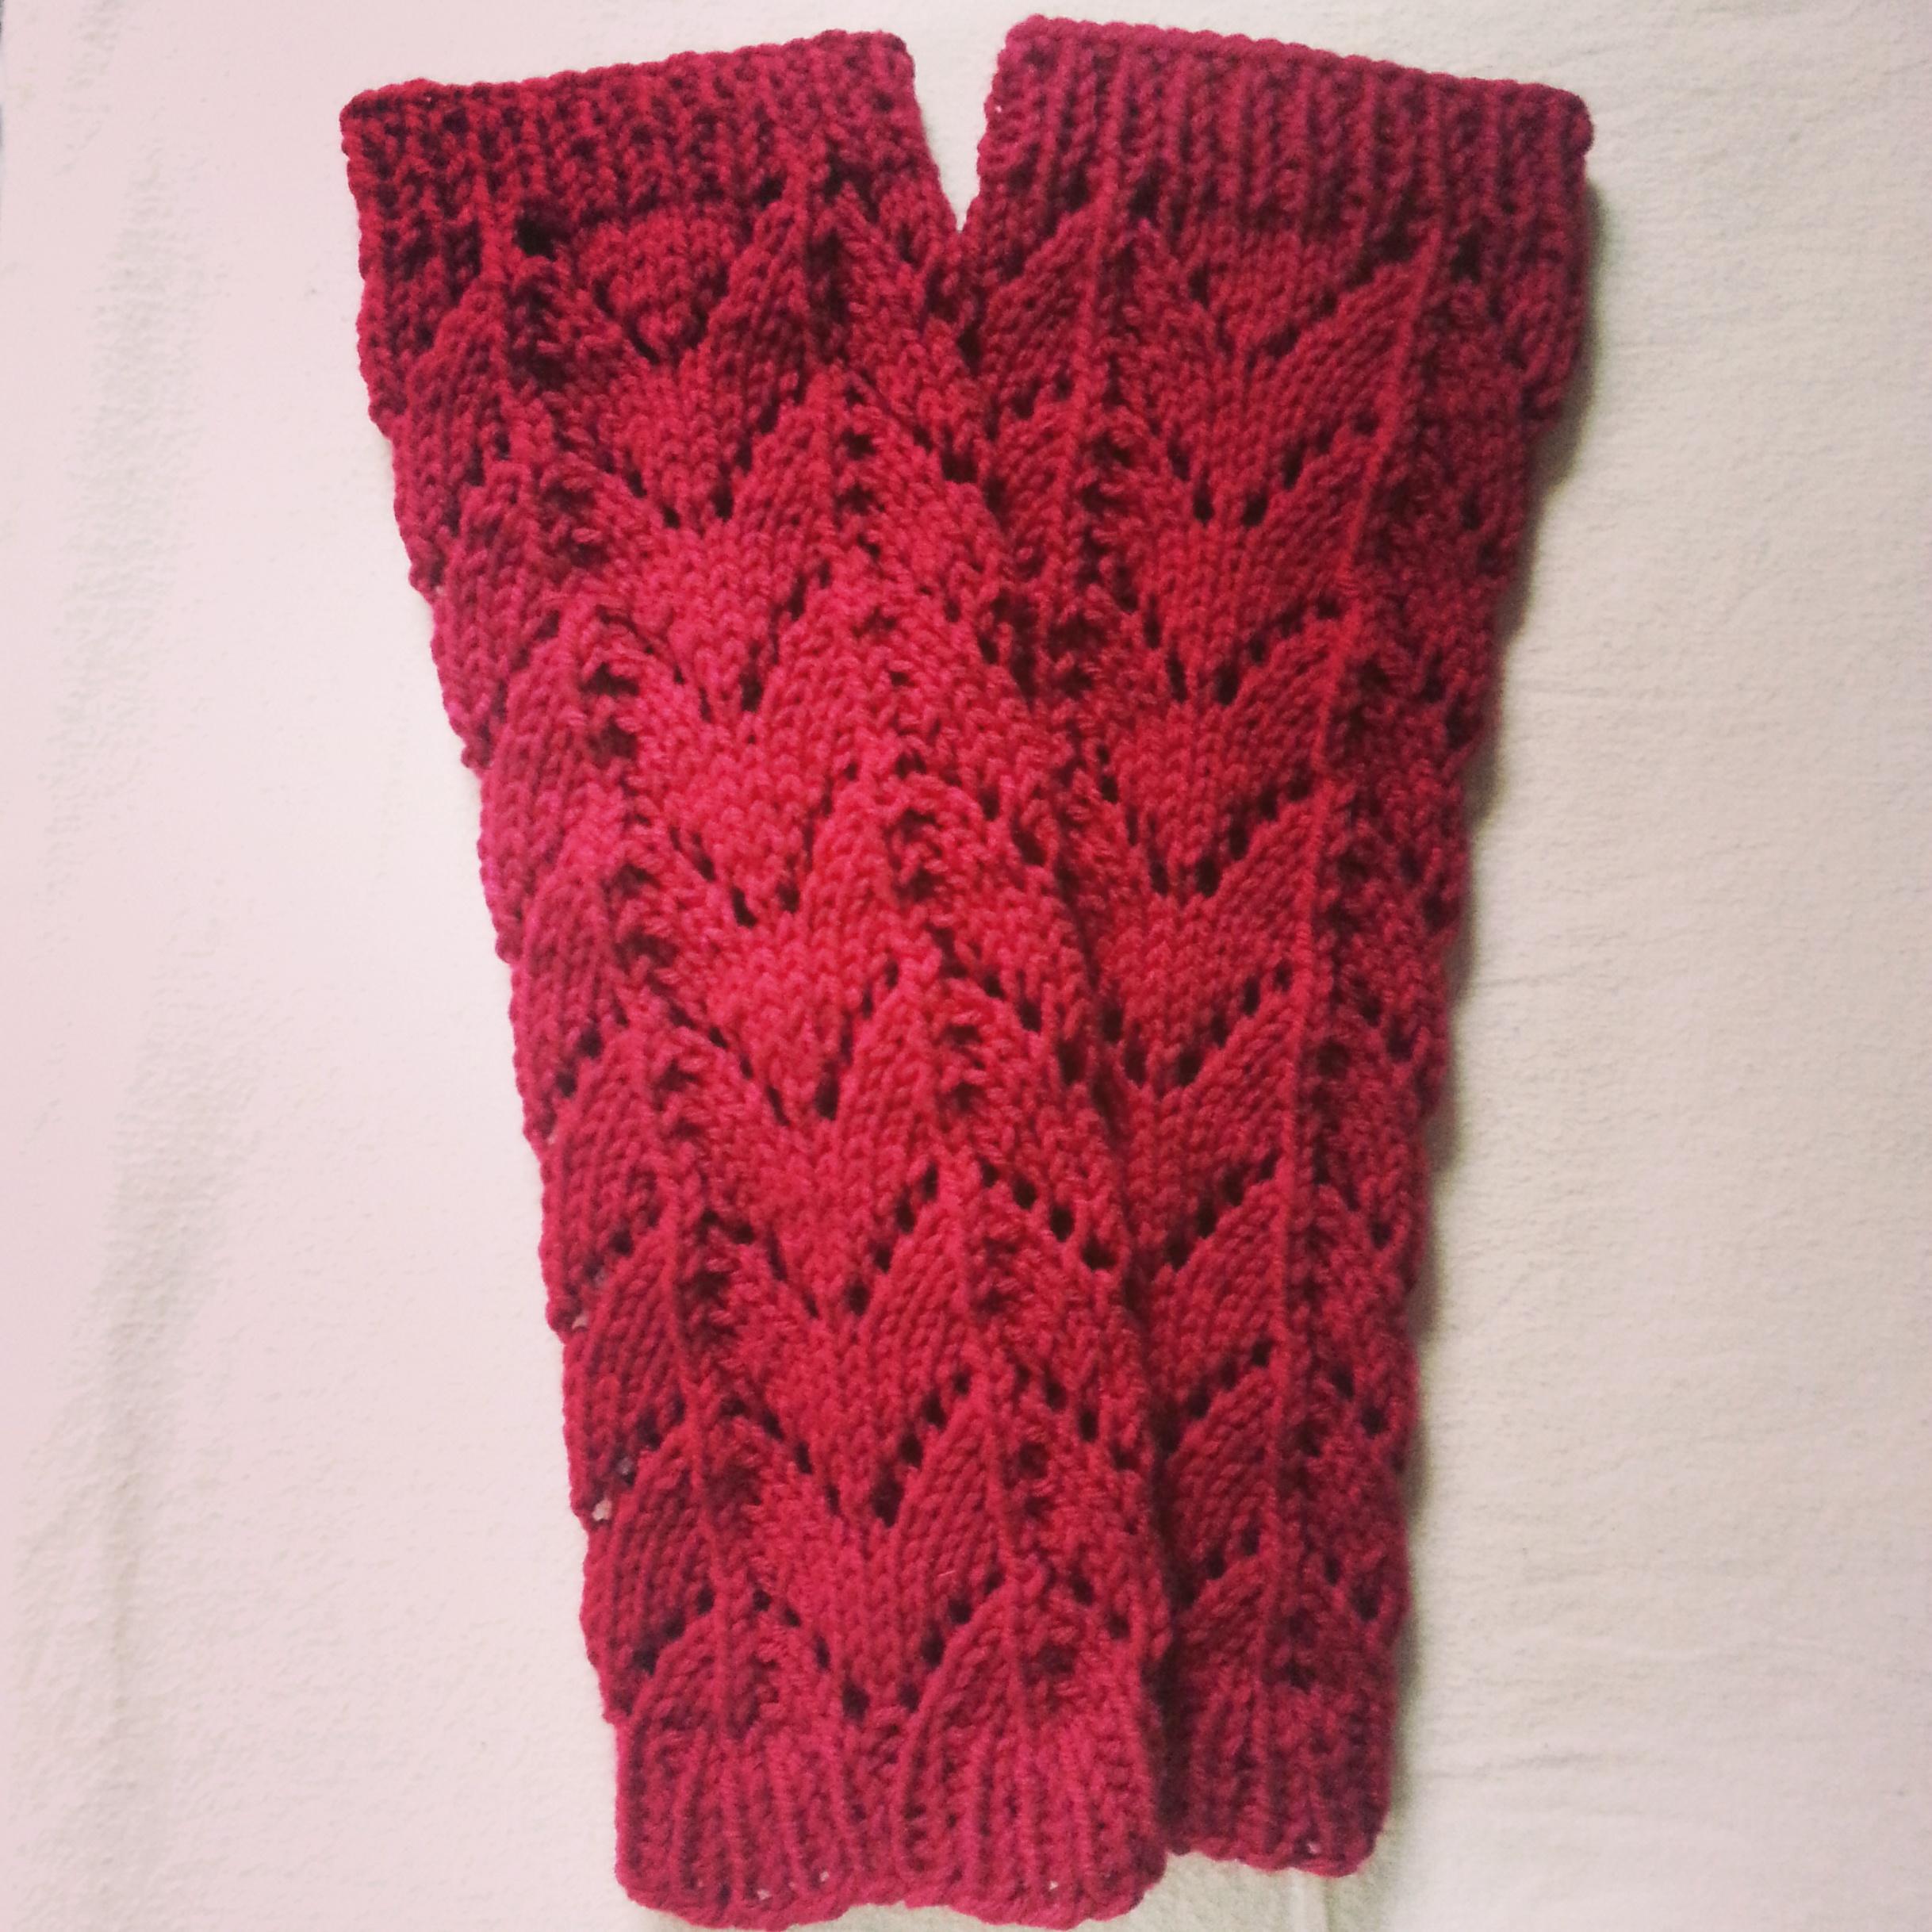 Leg Warmers Knitting Pattern Circular Needles : Lace Leg Warmers Pattern Knit Tutorial   Rainbow Warrior